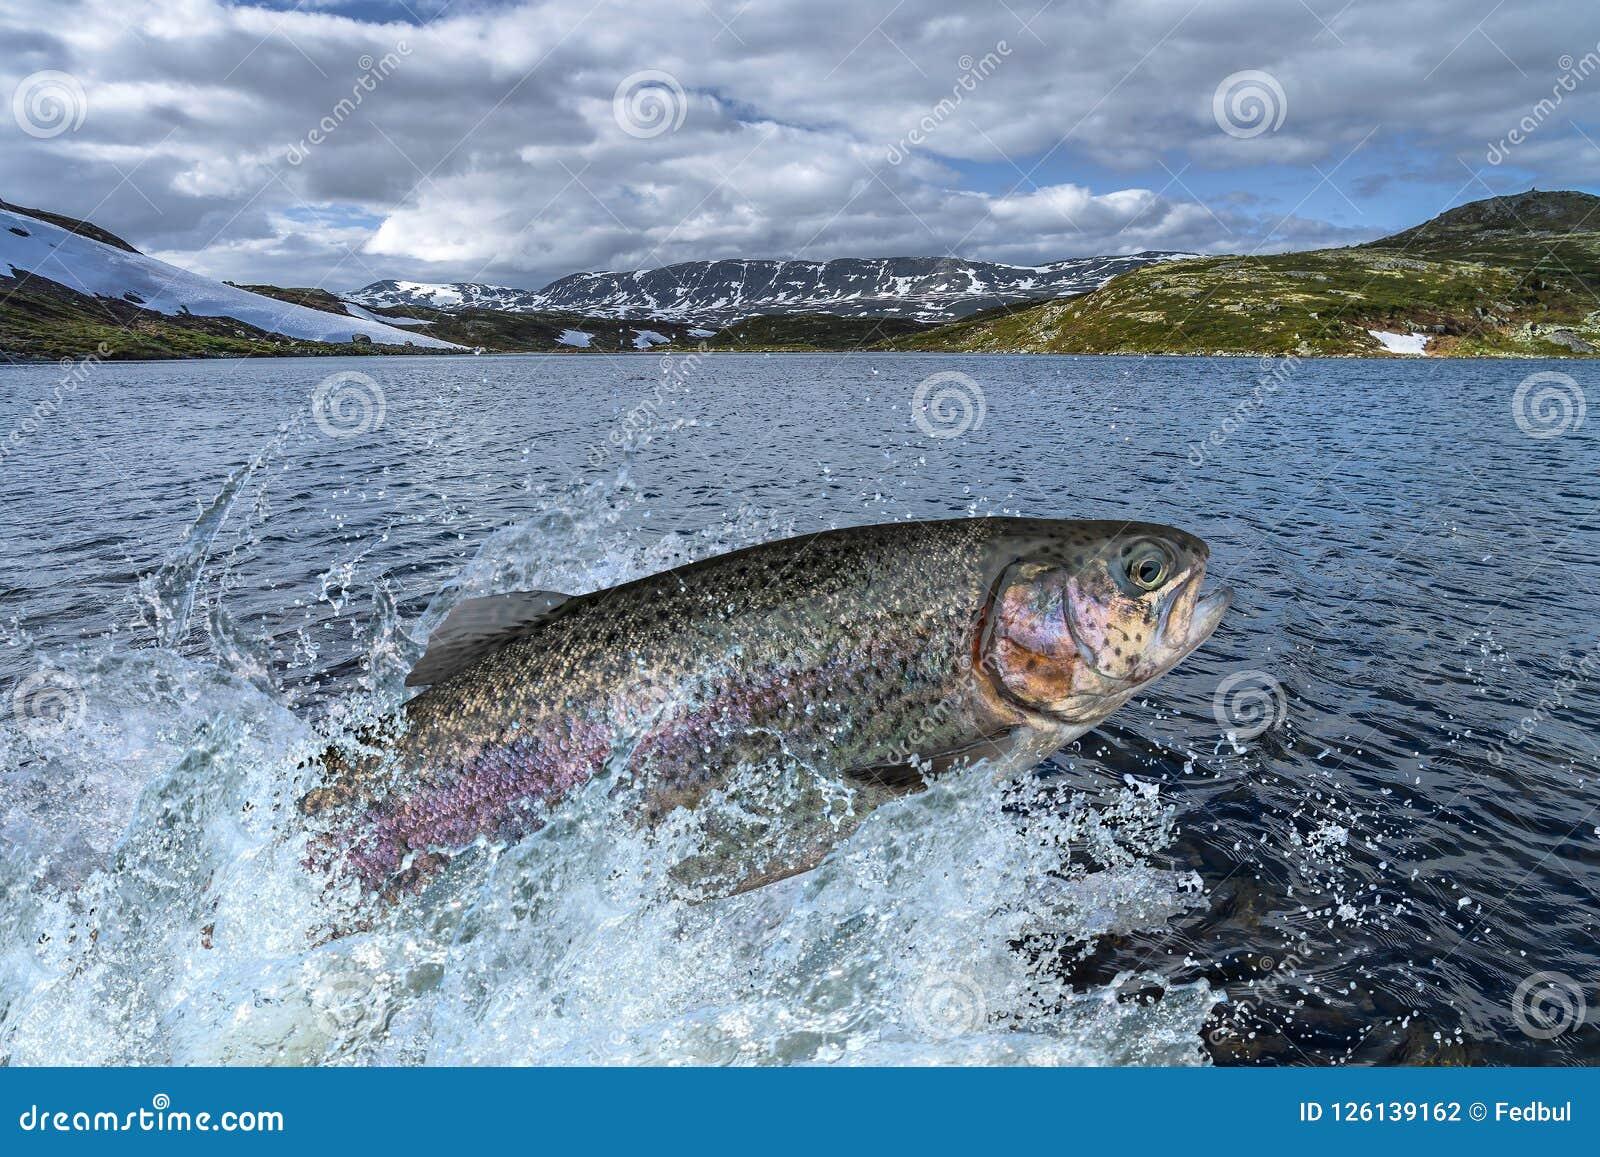 跳跃与飞溅的鳟鱼鱼在水中